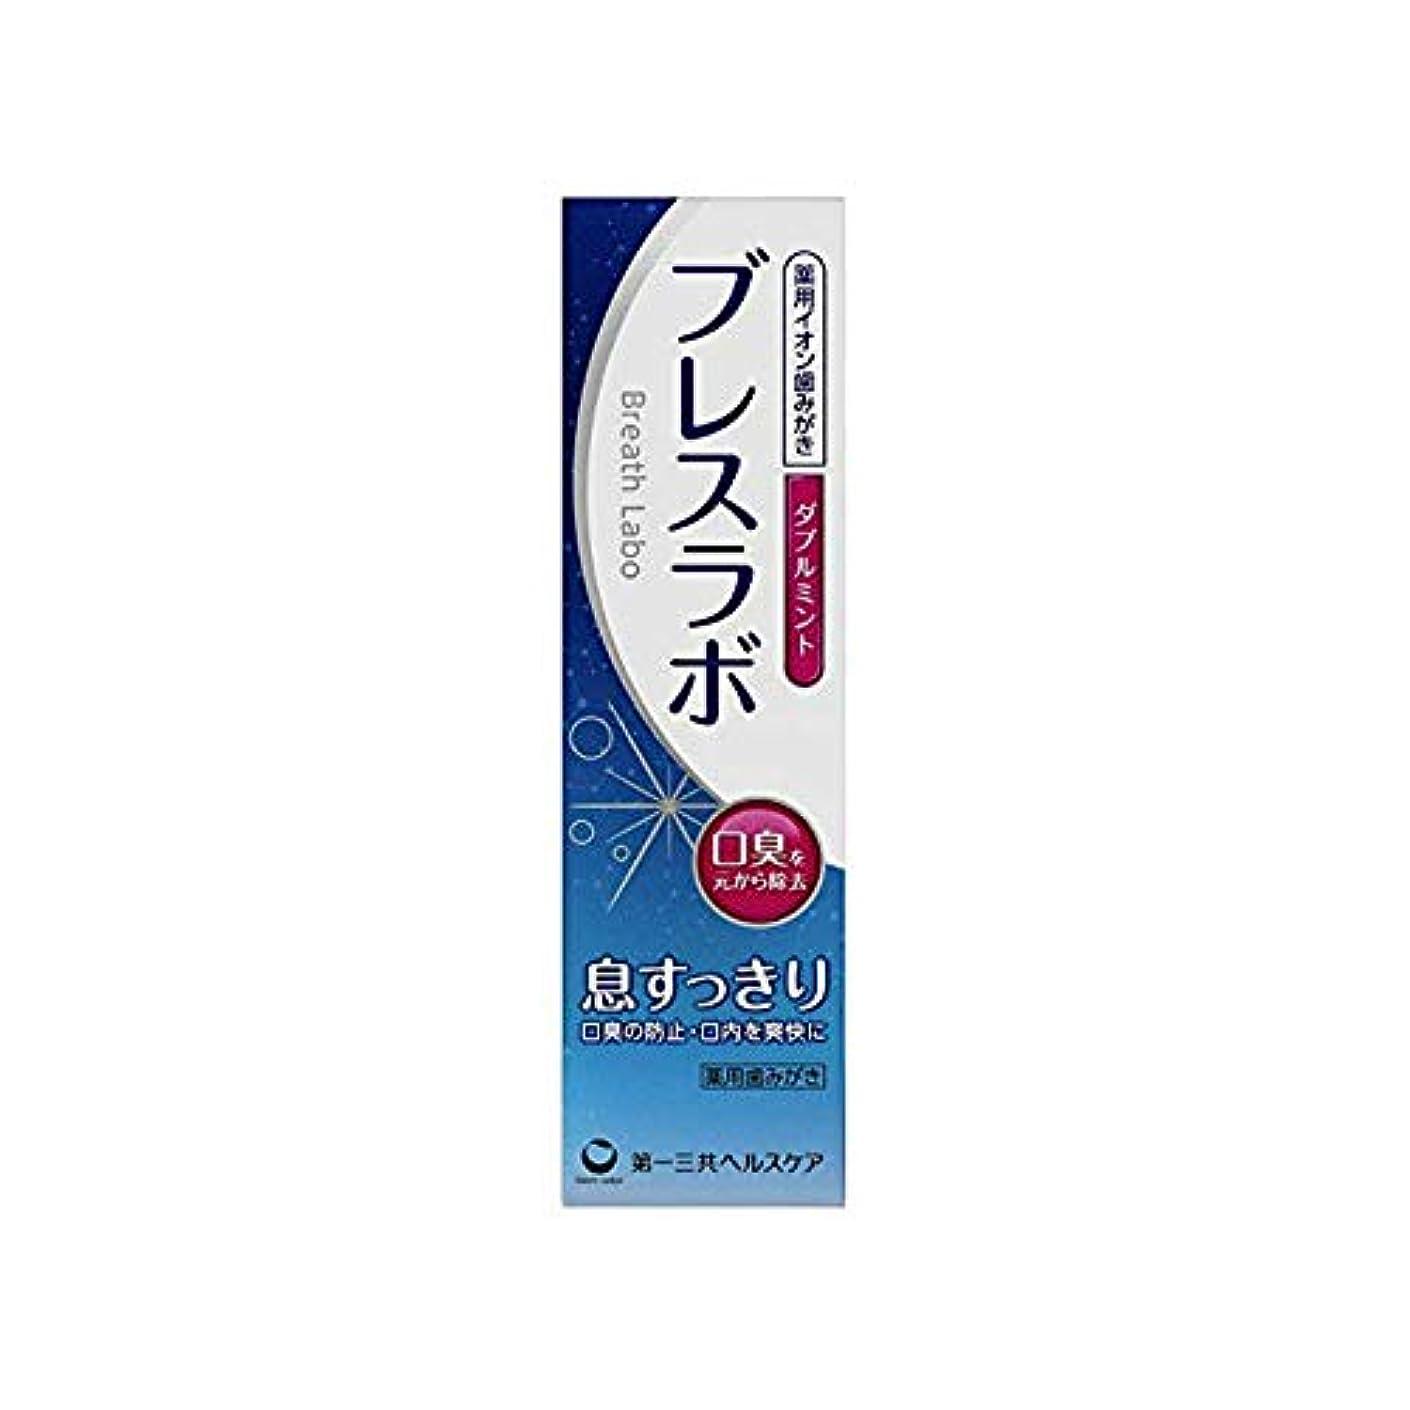 添加軍団顔料【3個セット】ブレスラボ ダブルミント 90g